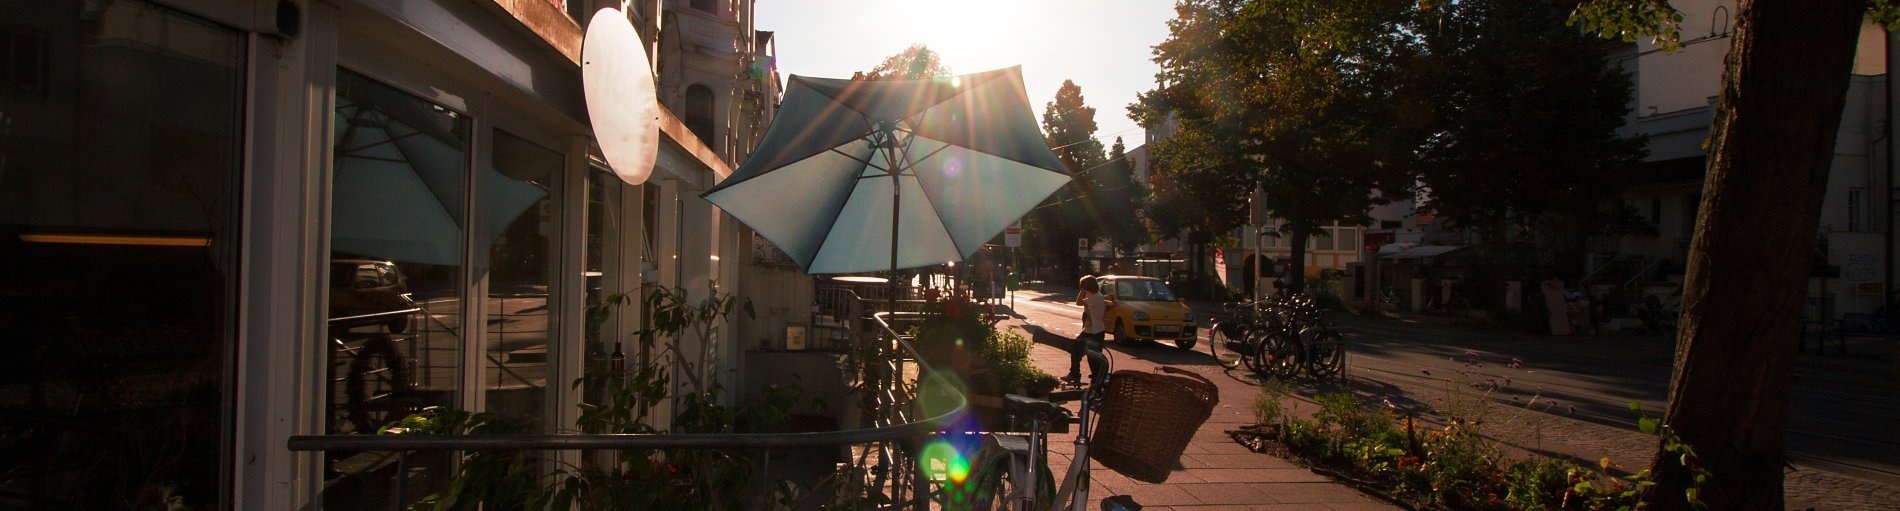 Blick in die Wachmannstraße in Bremen Schwachhausen